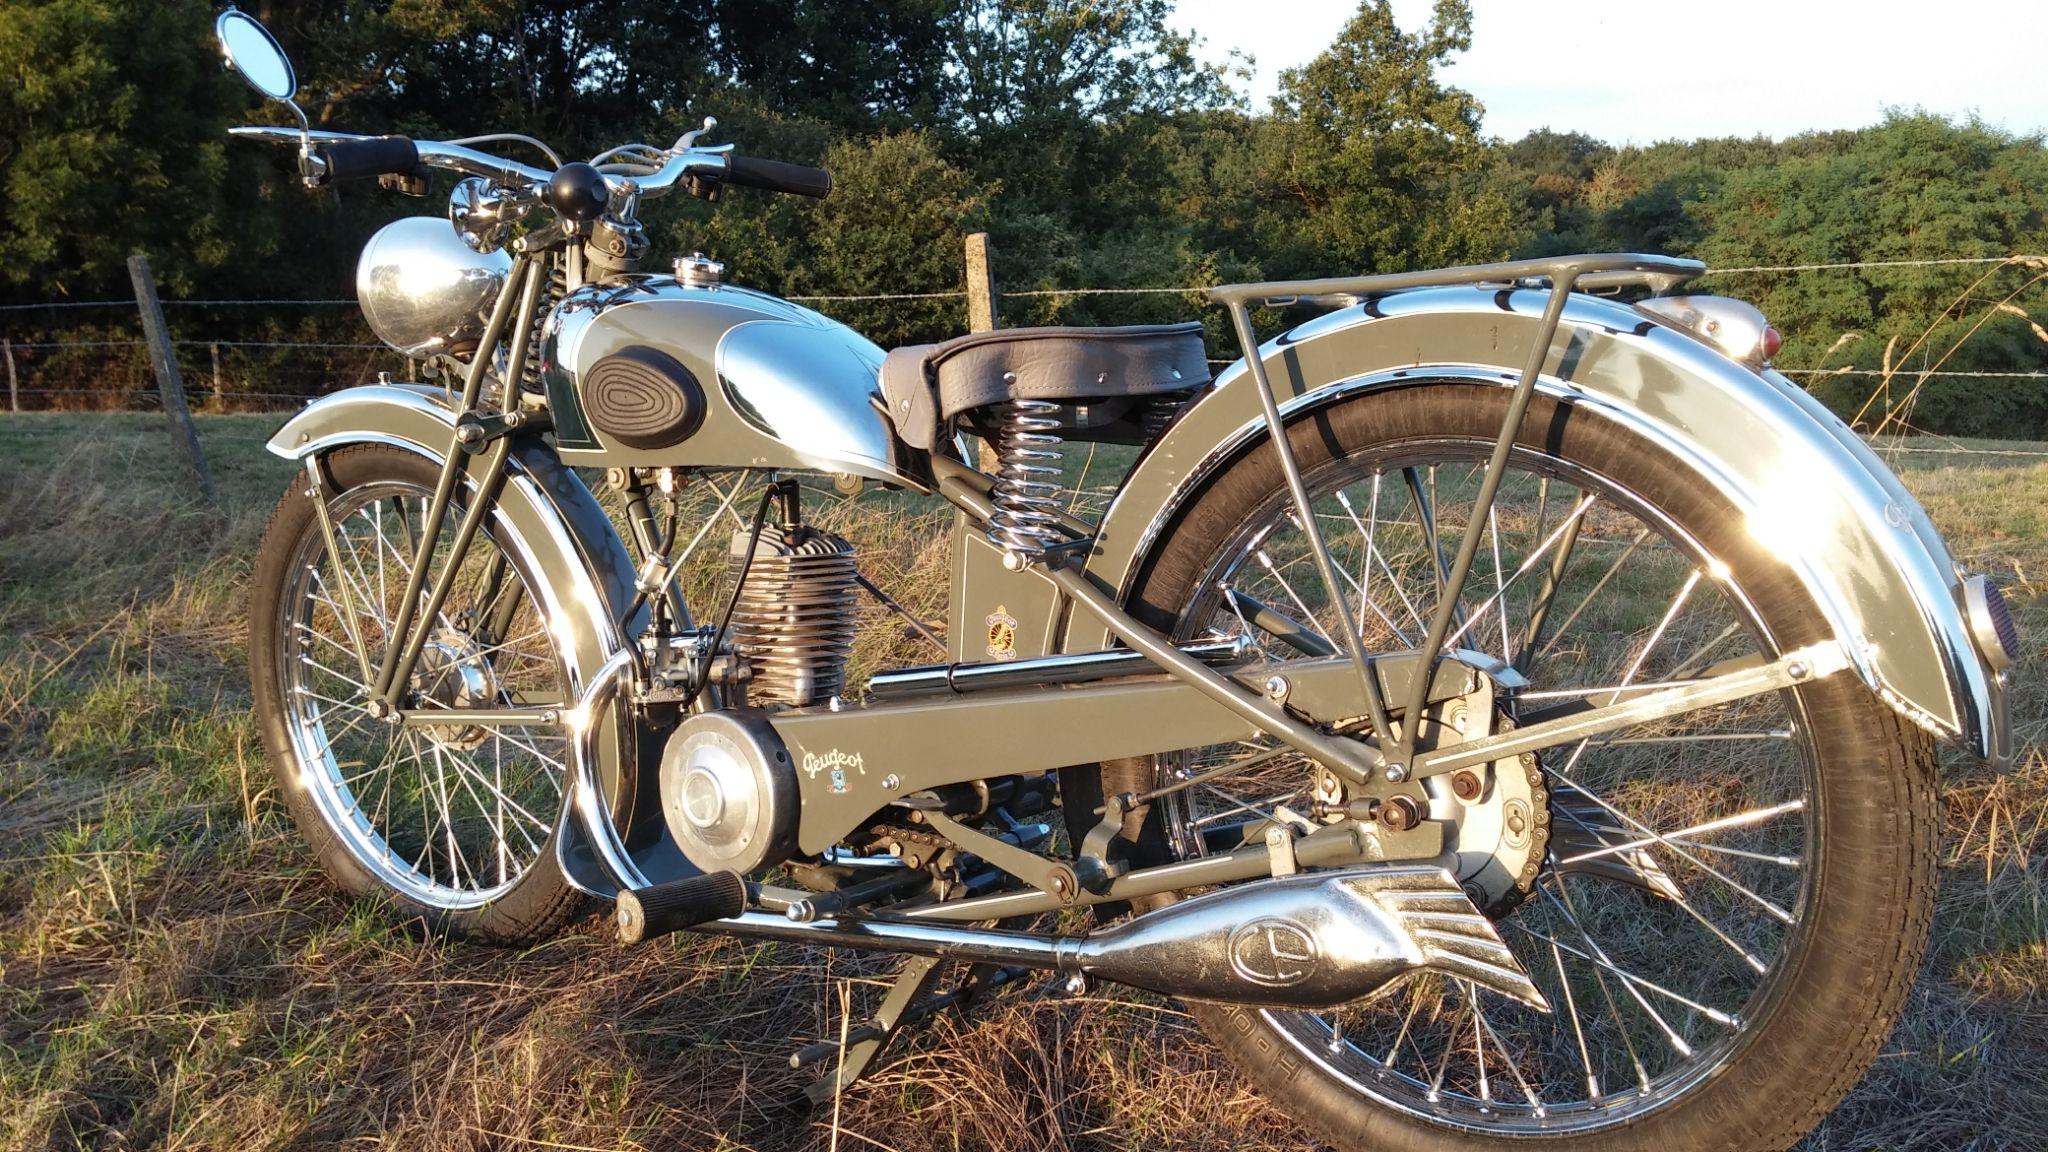 Peugeot P53 100cc 1939 Peugeot Motos Anciennes Motos